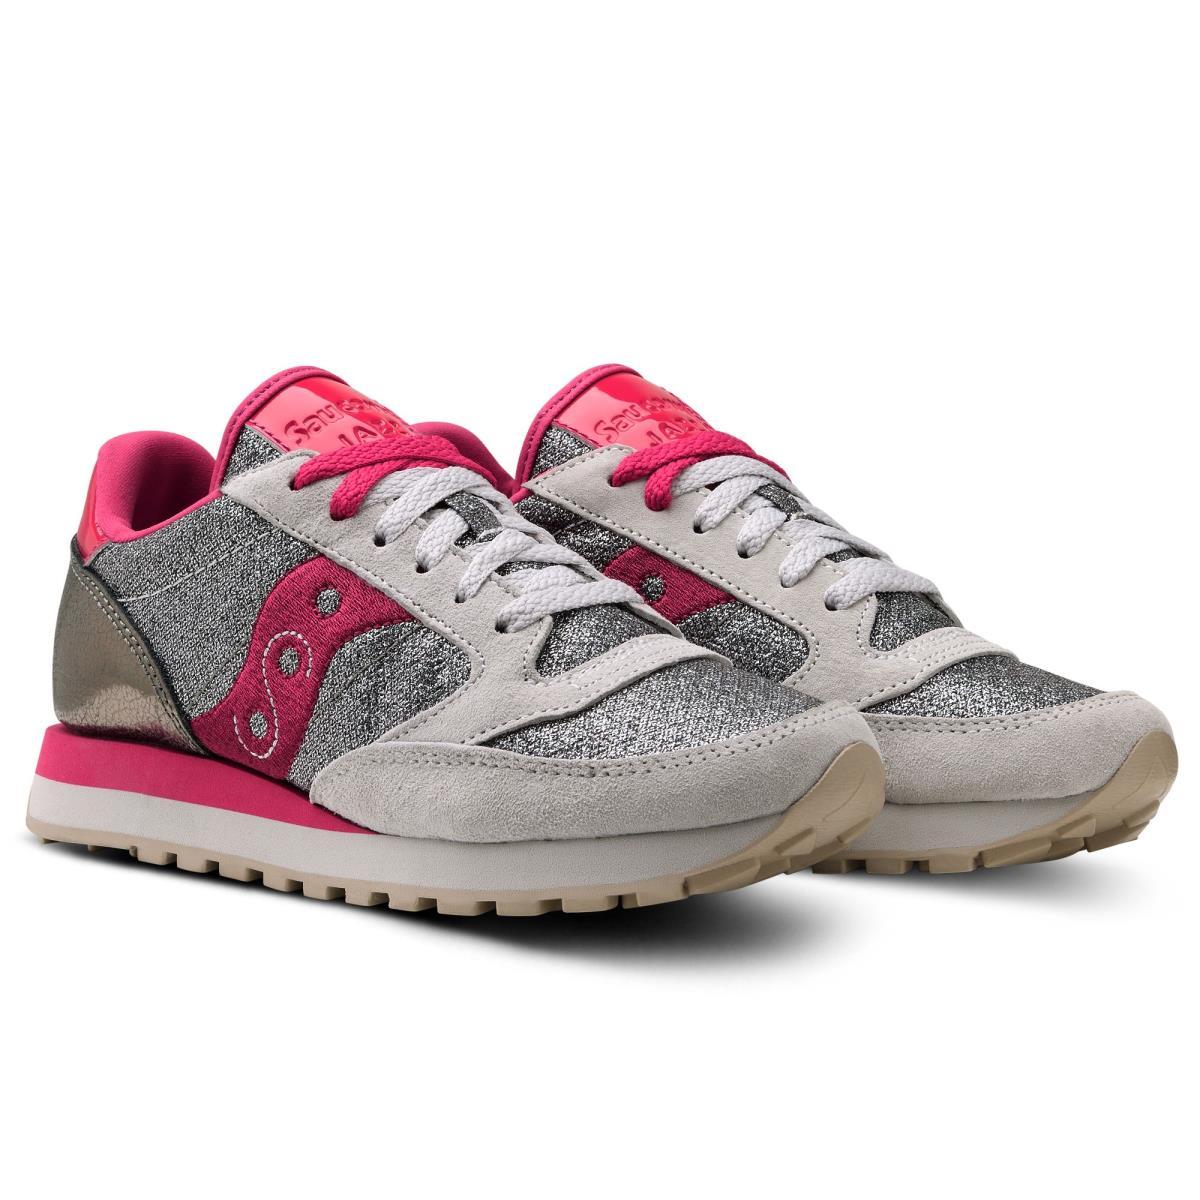 scarpe autunnali offrire sconti dove comprare SAUCONY 60450-04